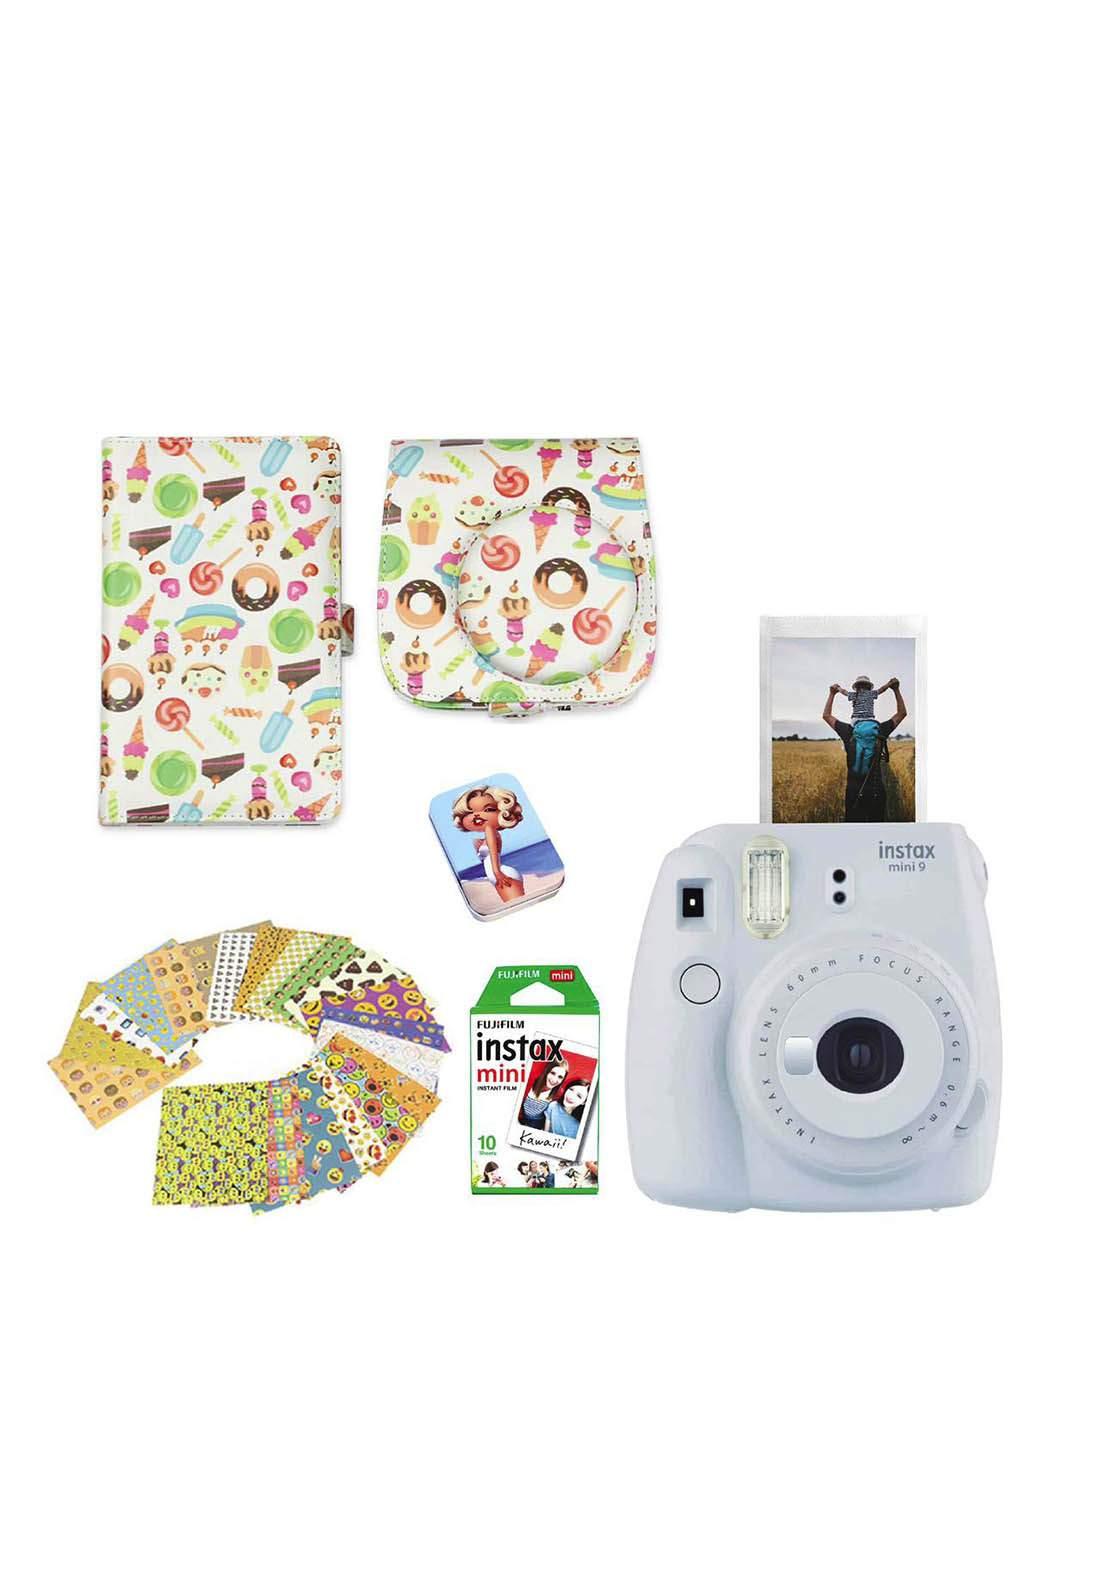 Fujifilm Instax LifeStyle Pack Mini9 Camera Package - Gray كاميرا فورية